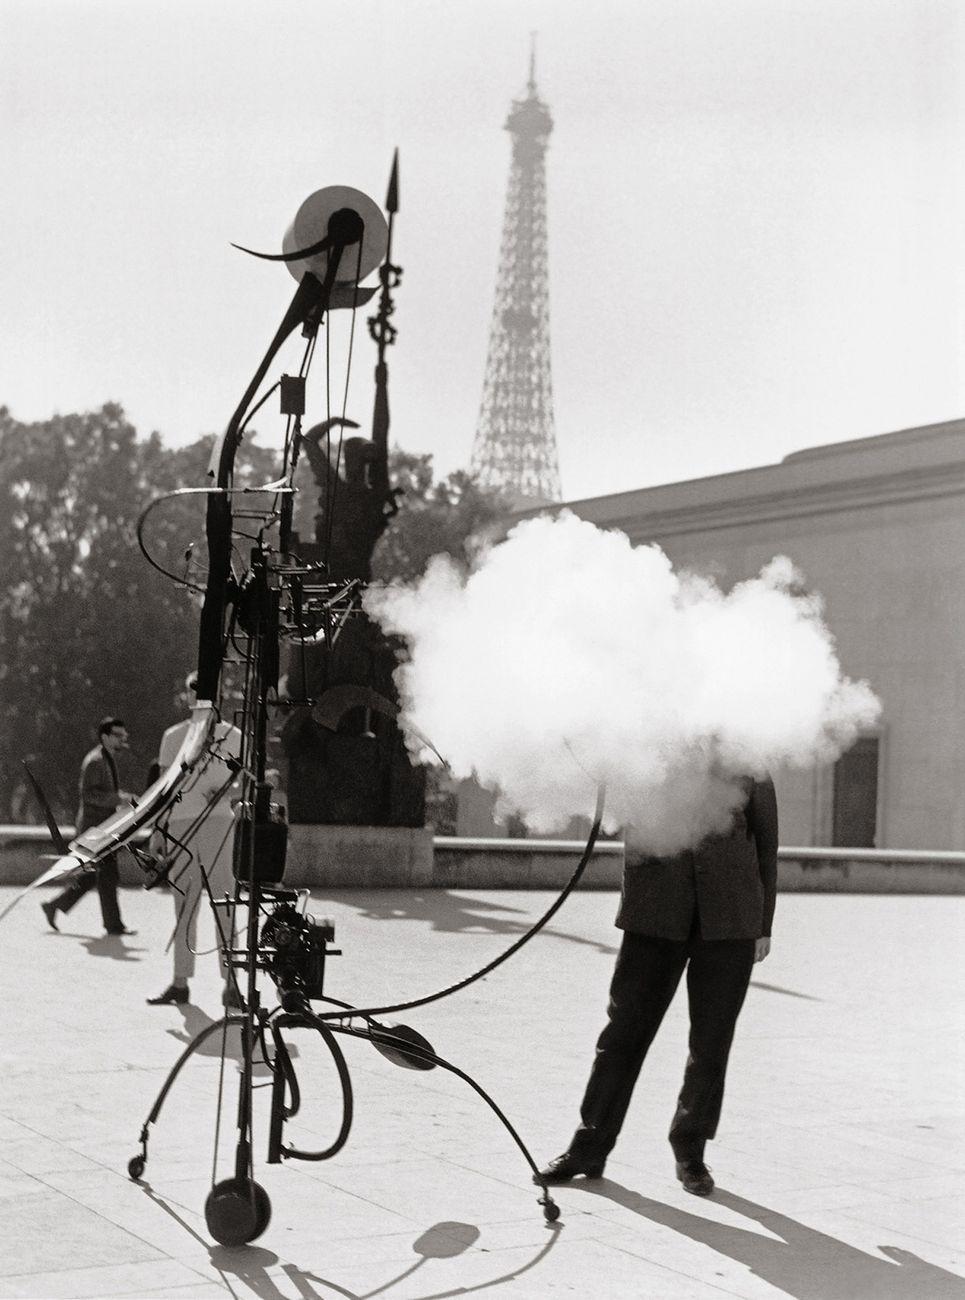 Robert Doisneau, Tinguely. Portrait de l'artiste, Paris, 1959 © Robert Doisneau – Gamma Rapho